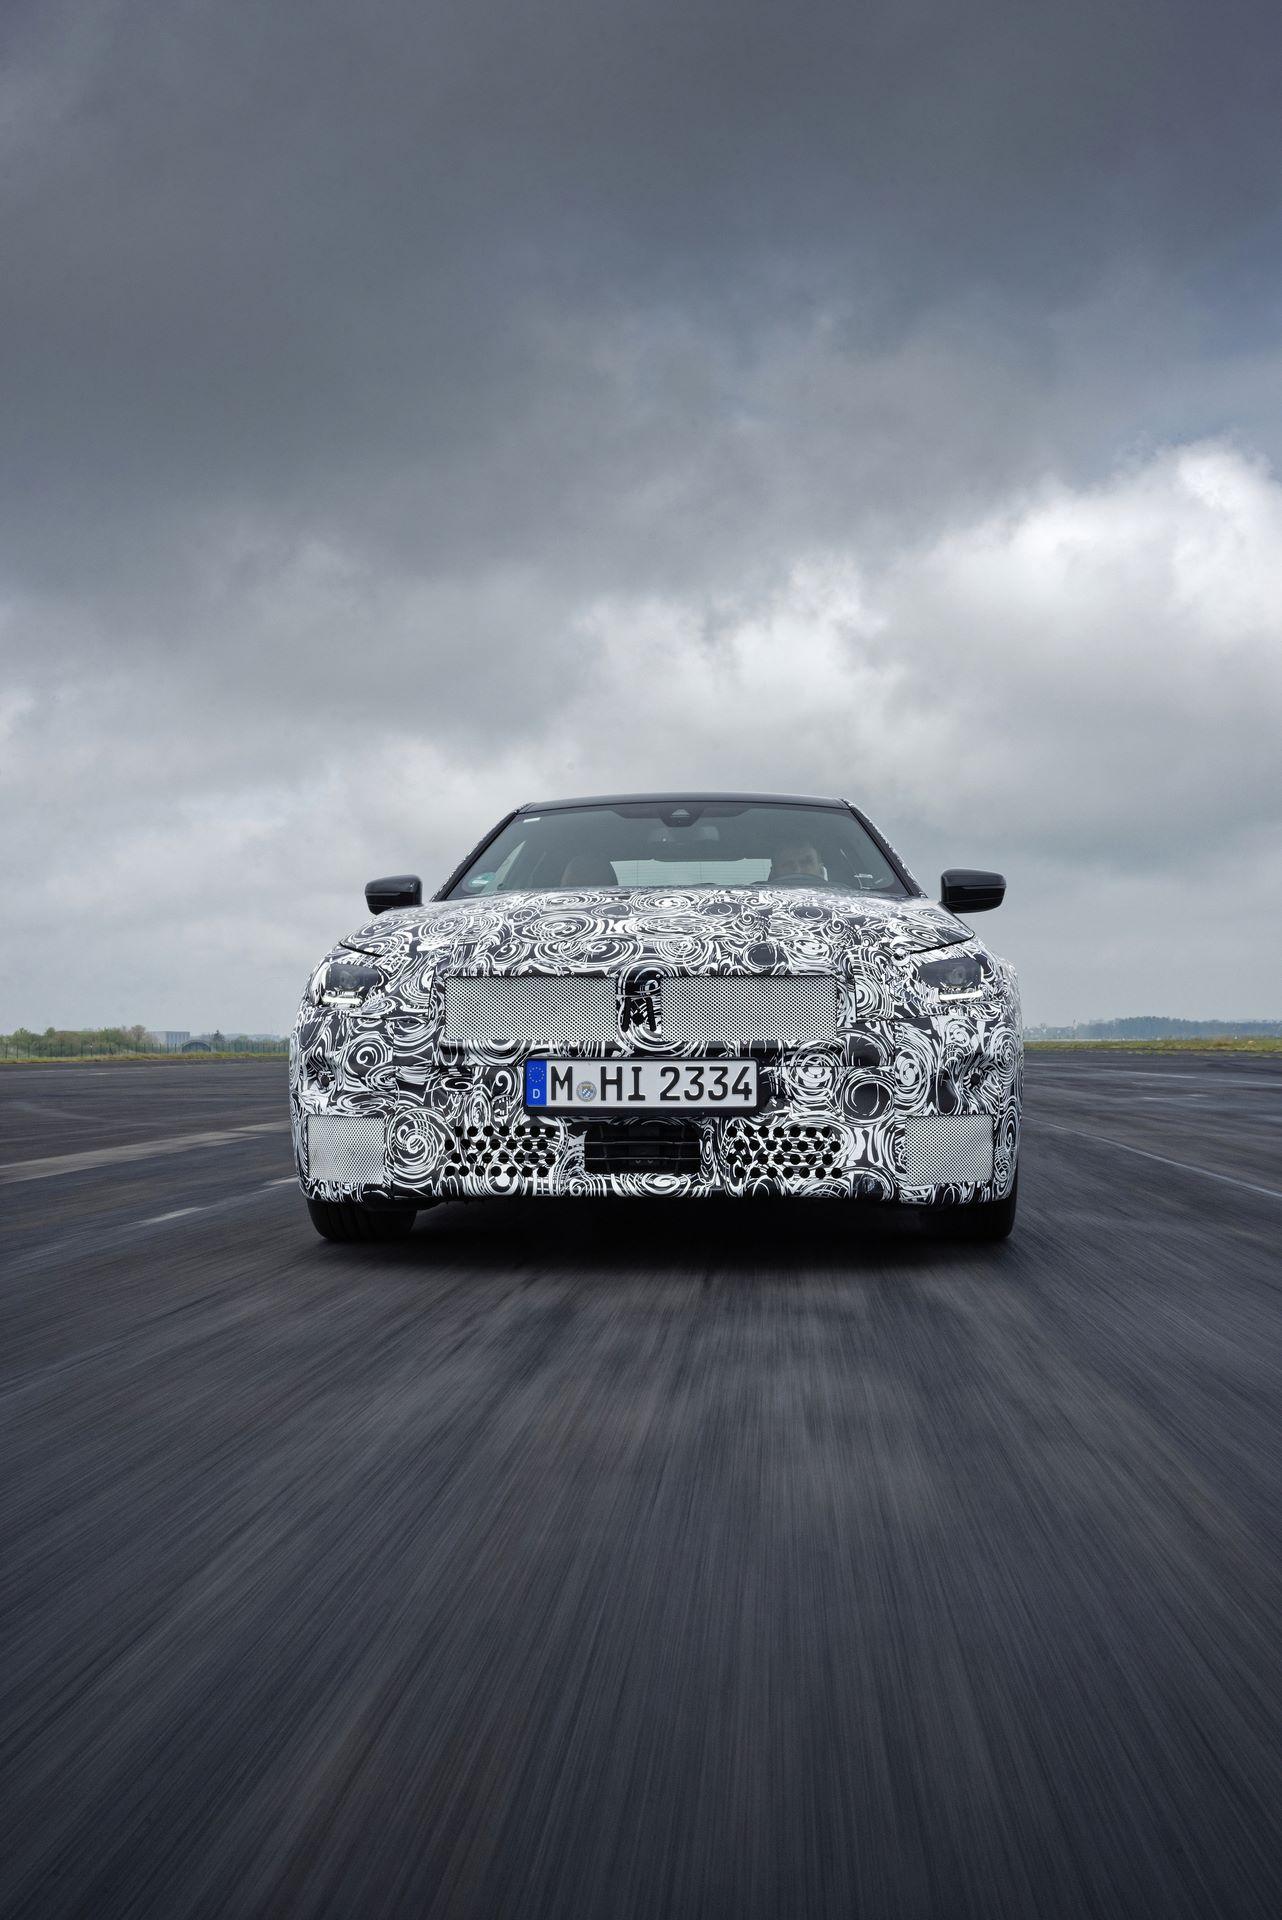 BMW-2-Series-M240i-spy-photos-109